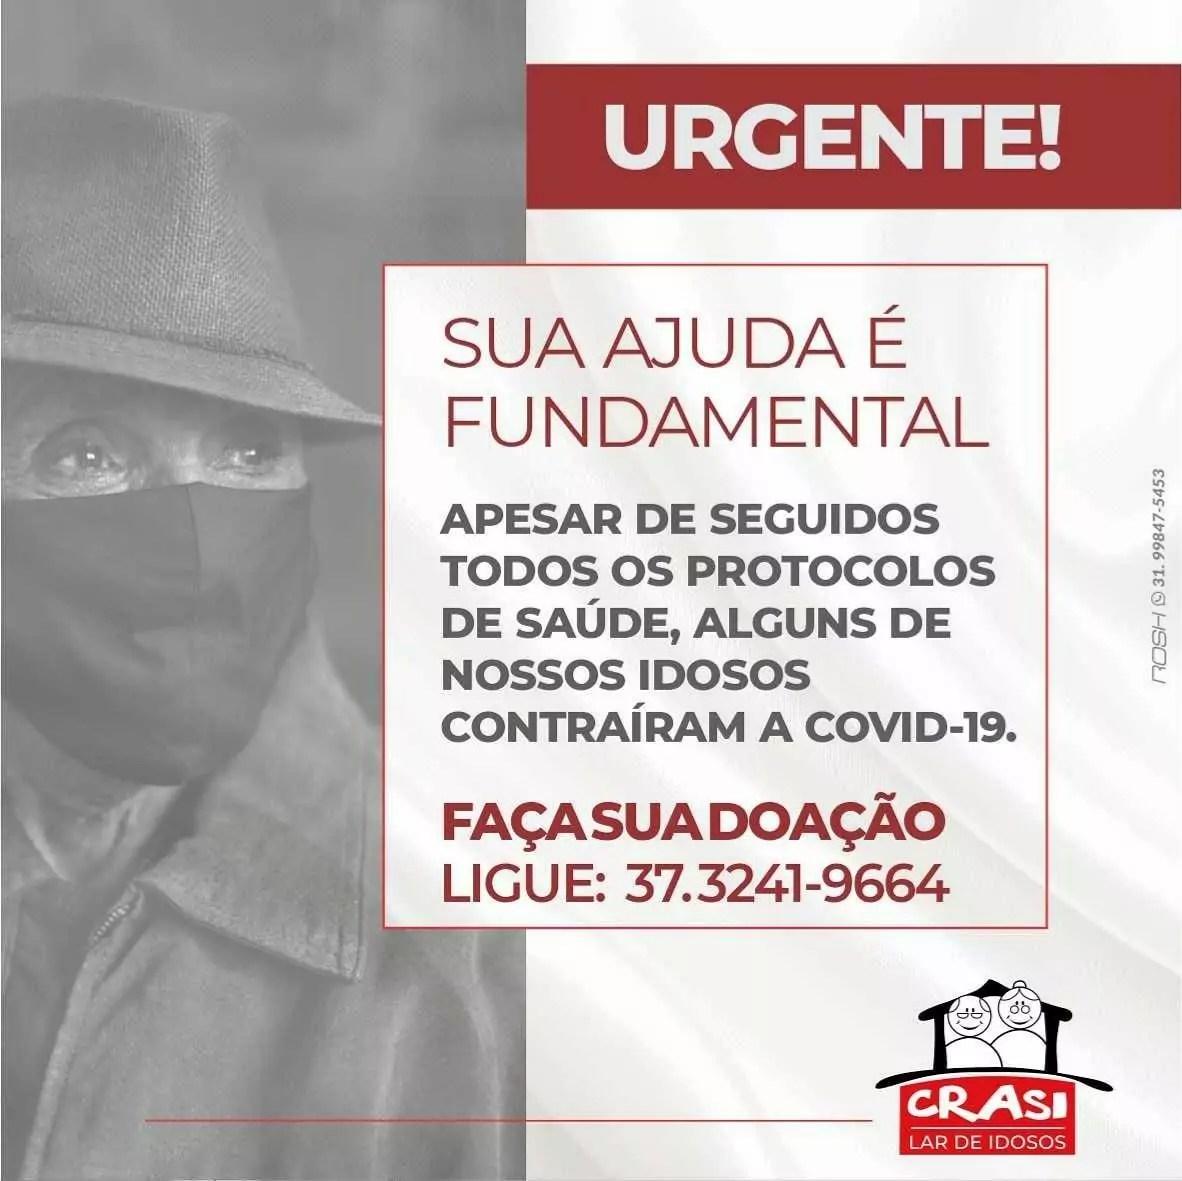 Imagem de divulgação mostra pedido de ajuda ar de idosos em interior de Minas tem surto de Covid